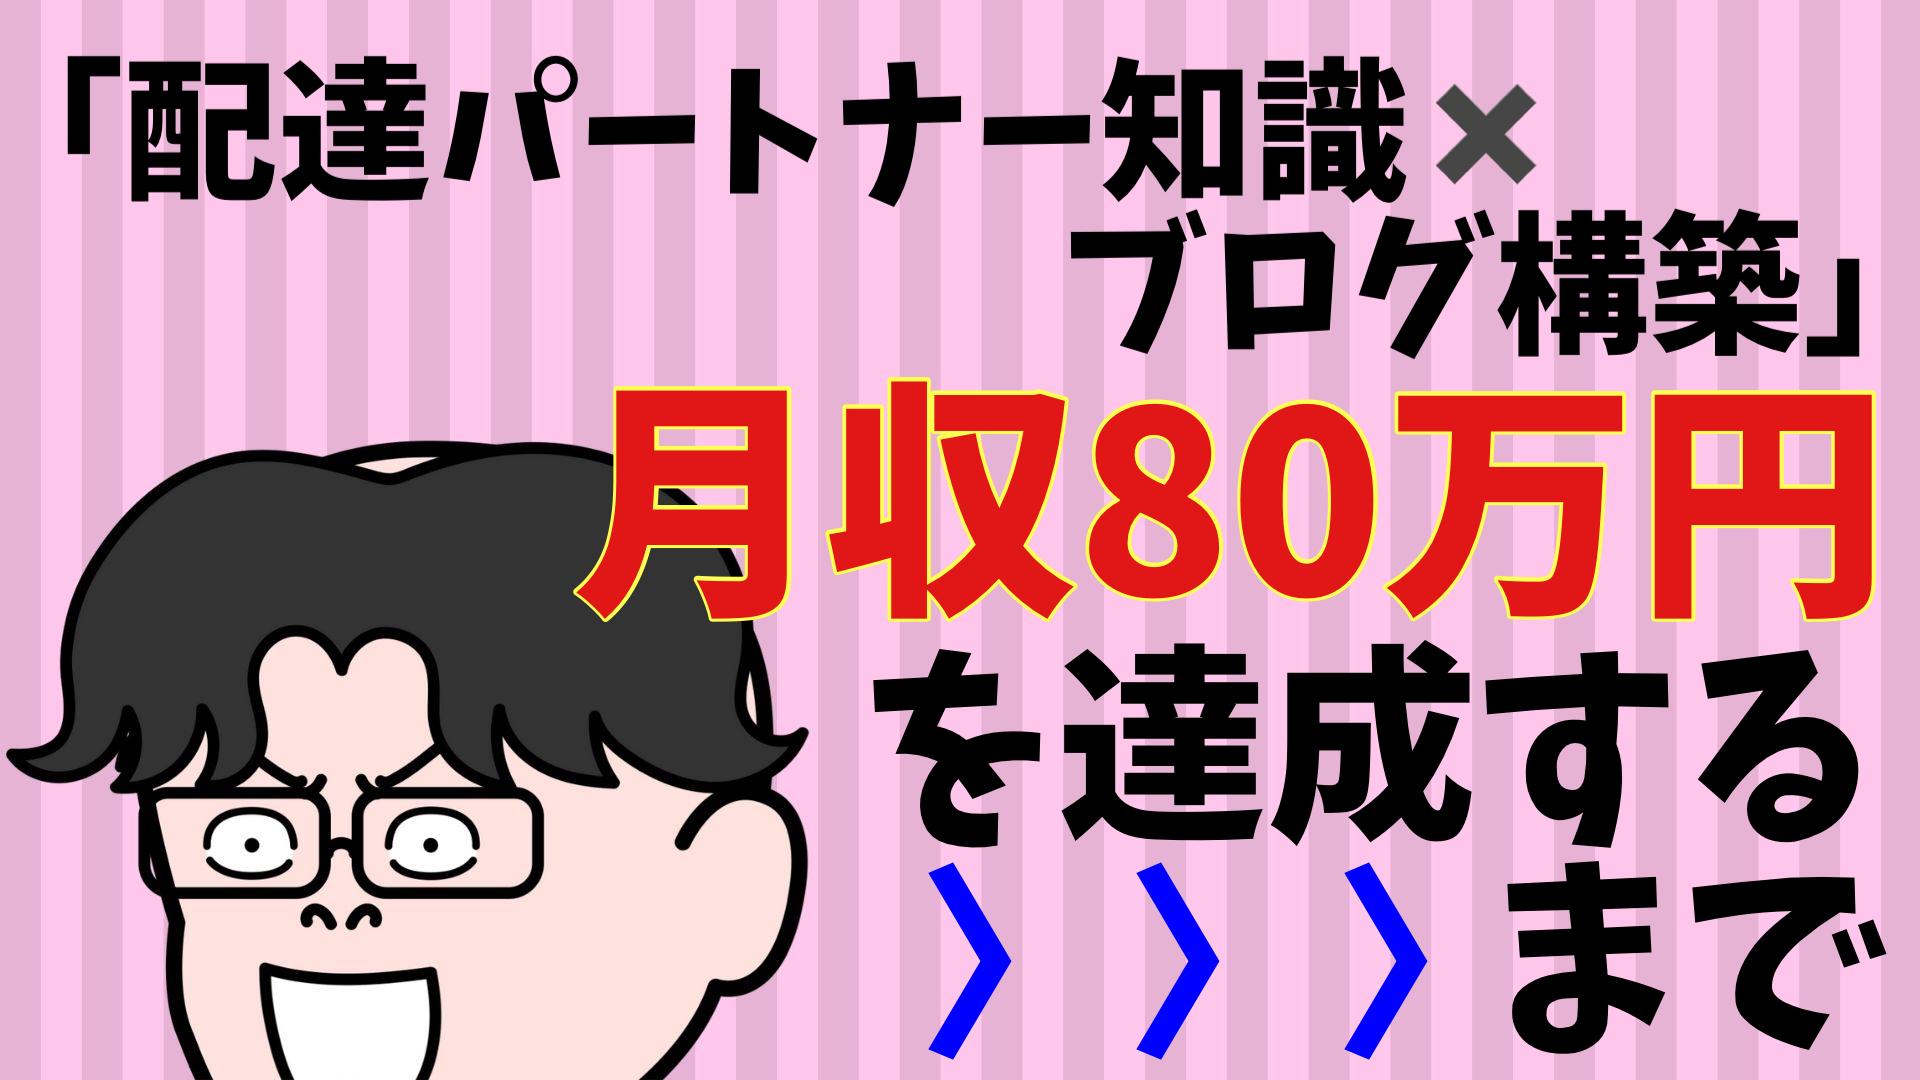 LINE公式アカウント LINEマガジン LINEステップメール タイユウスケ ユウスケ タイクツマッカートニー